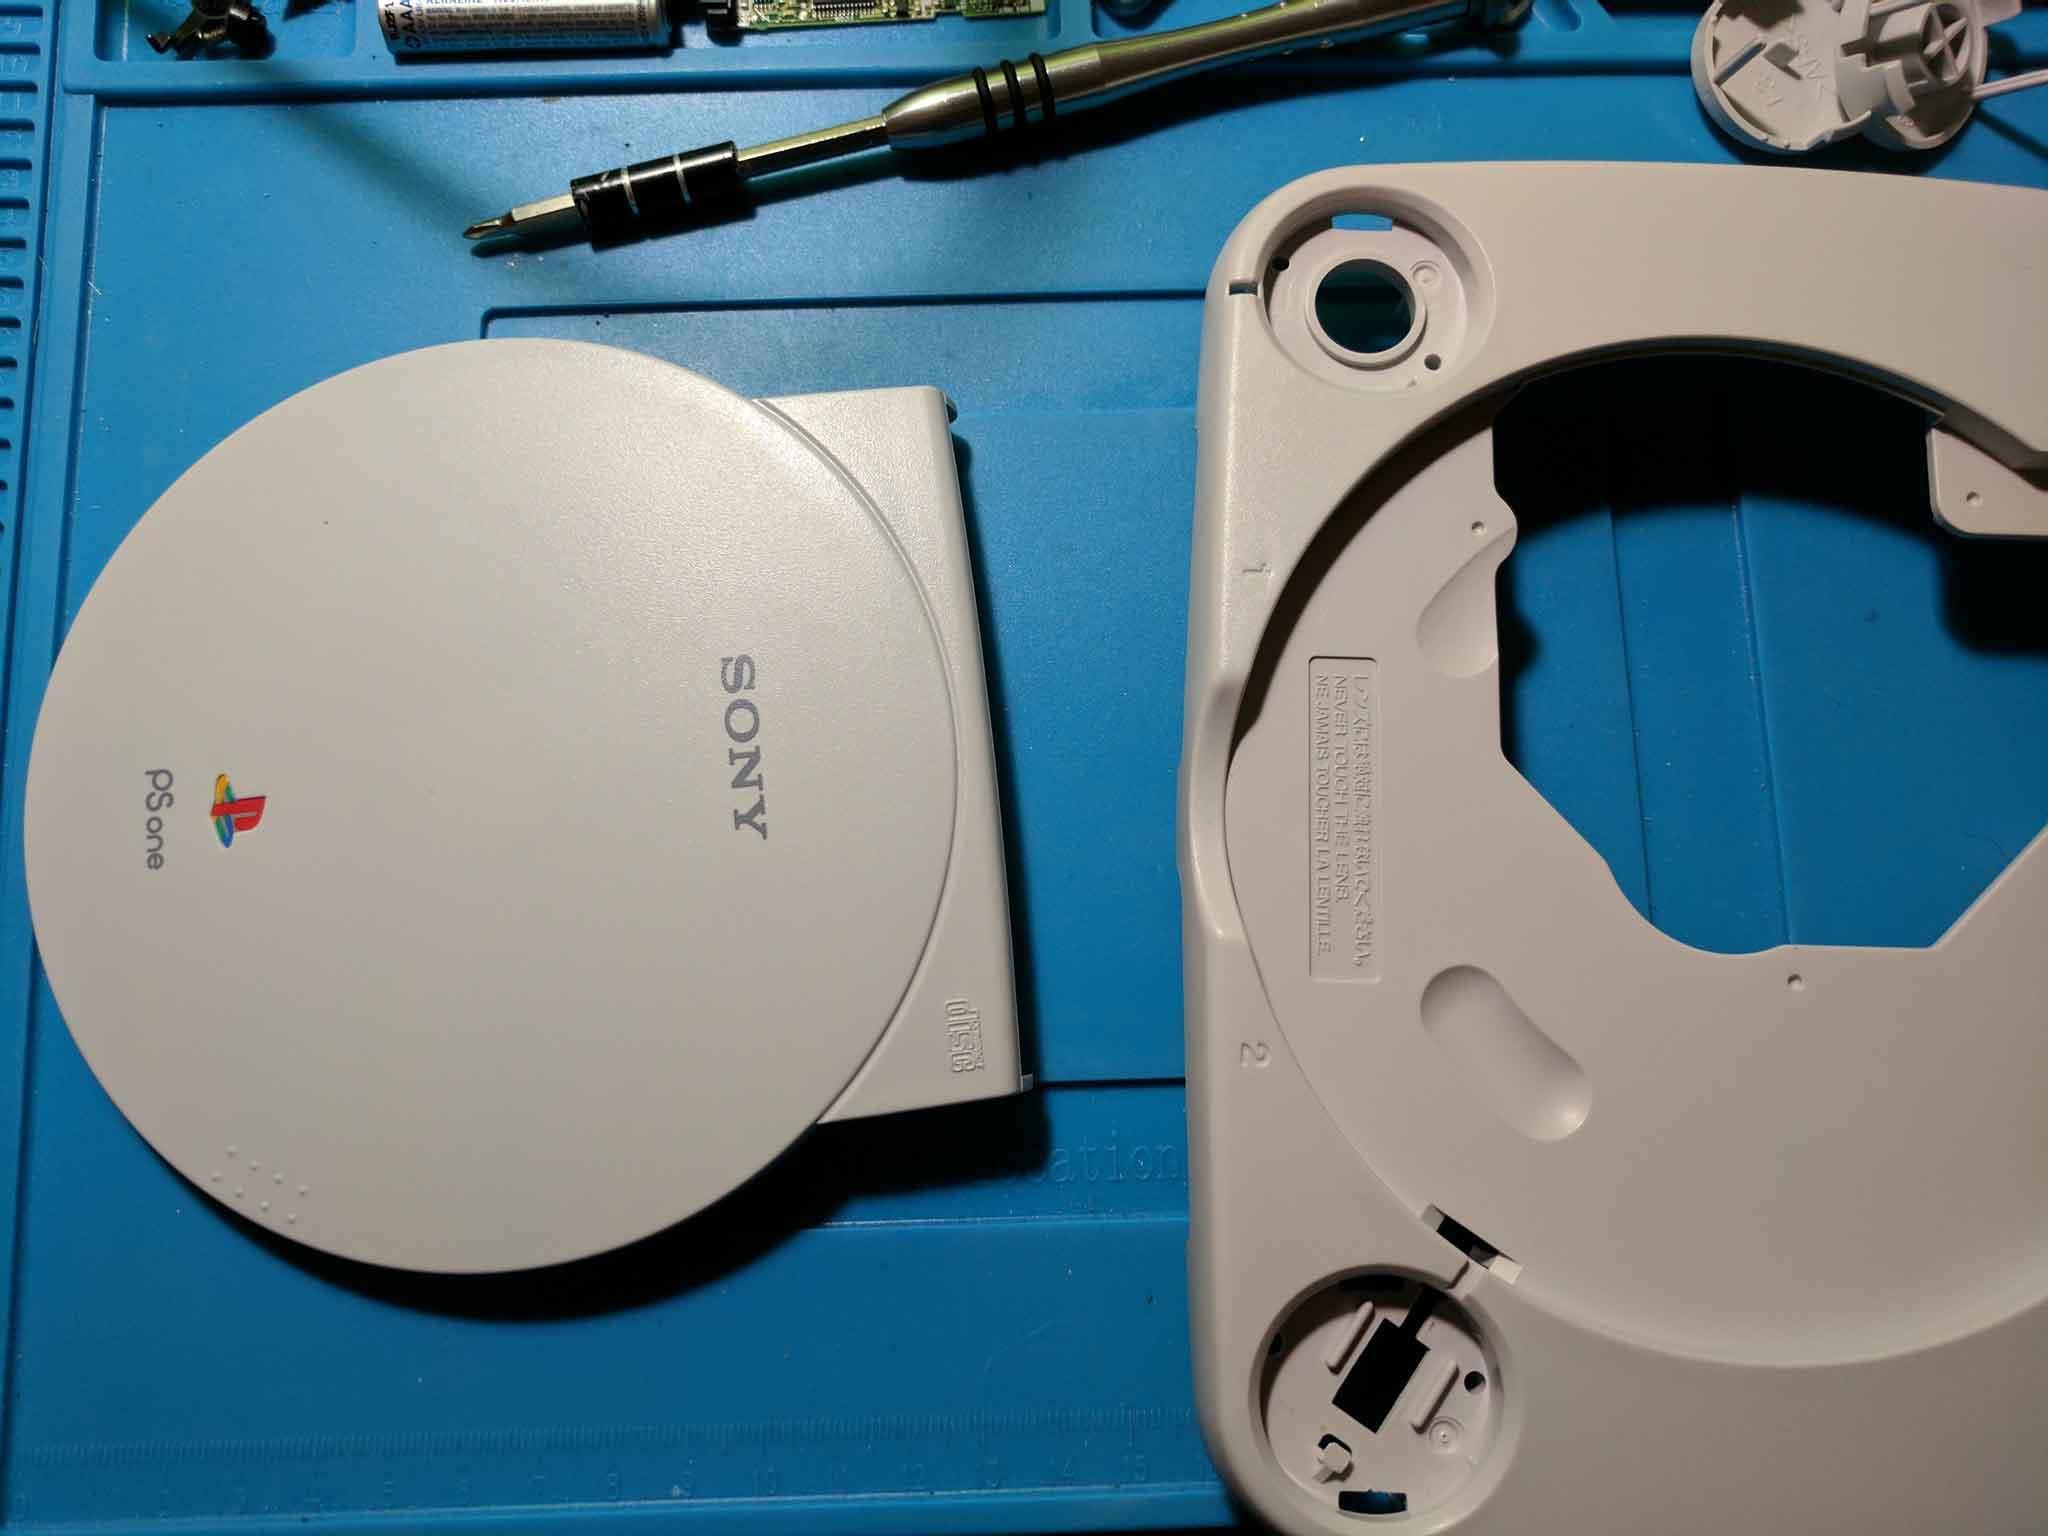 Disc lid